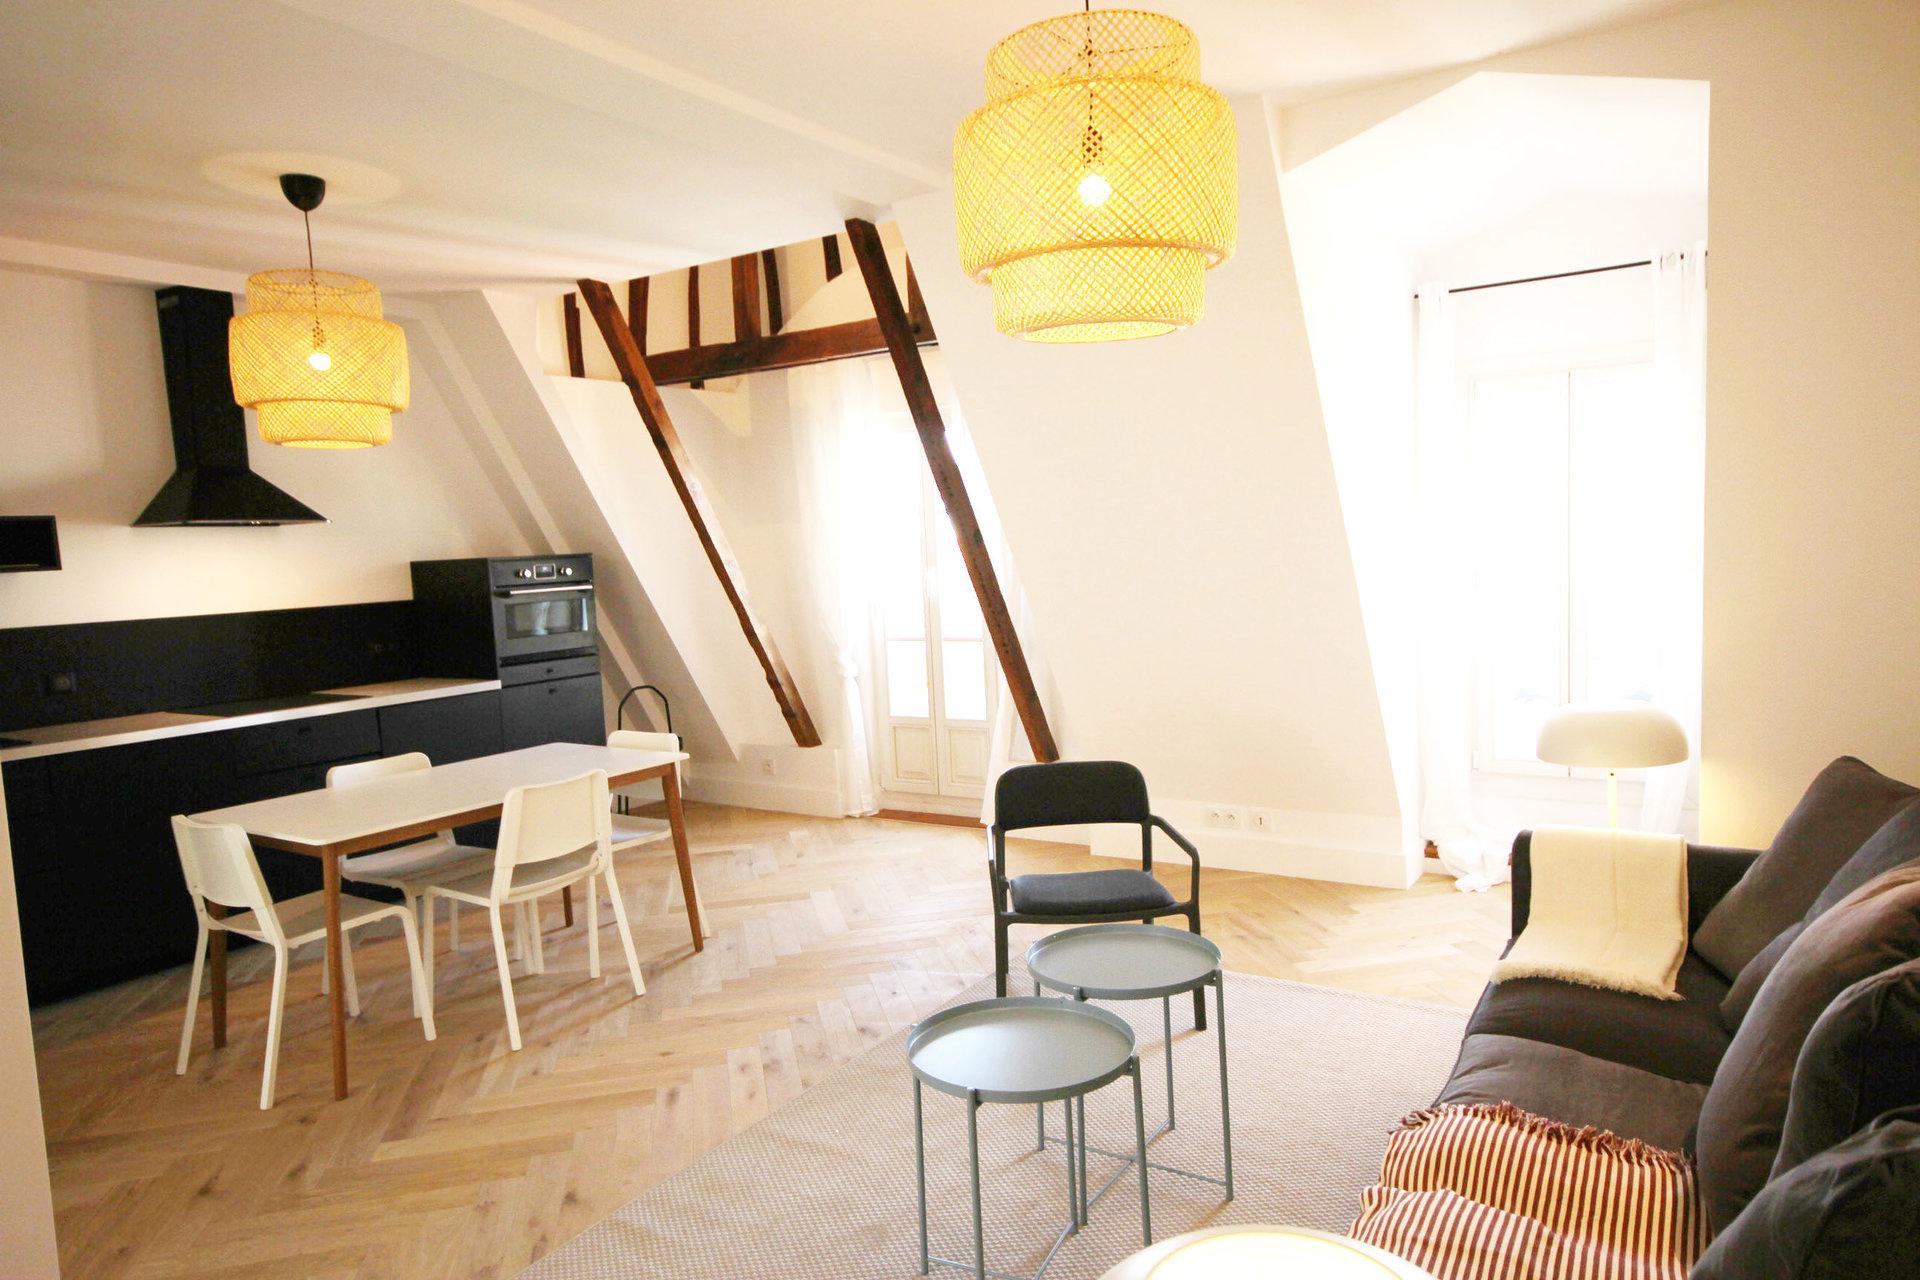 3 Pièces-Dernier étage-Toit terrasse-NICE CARRÉ D'OR